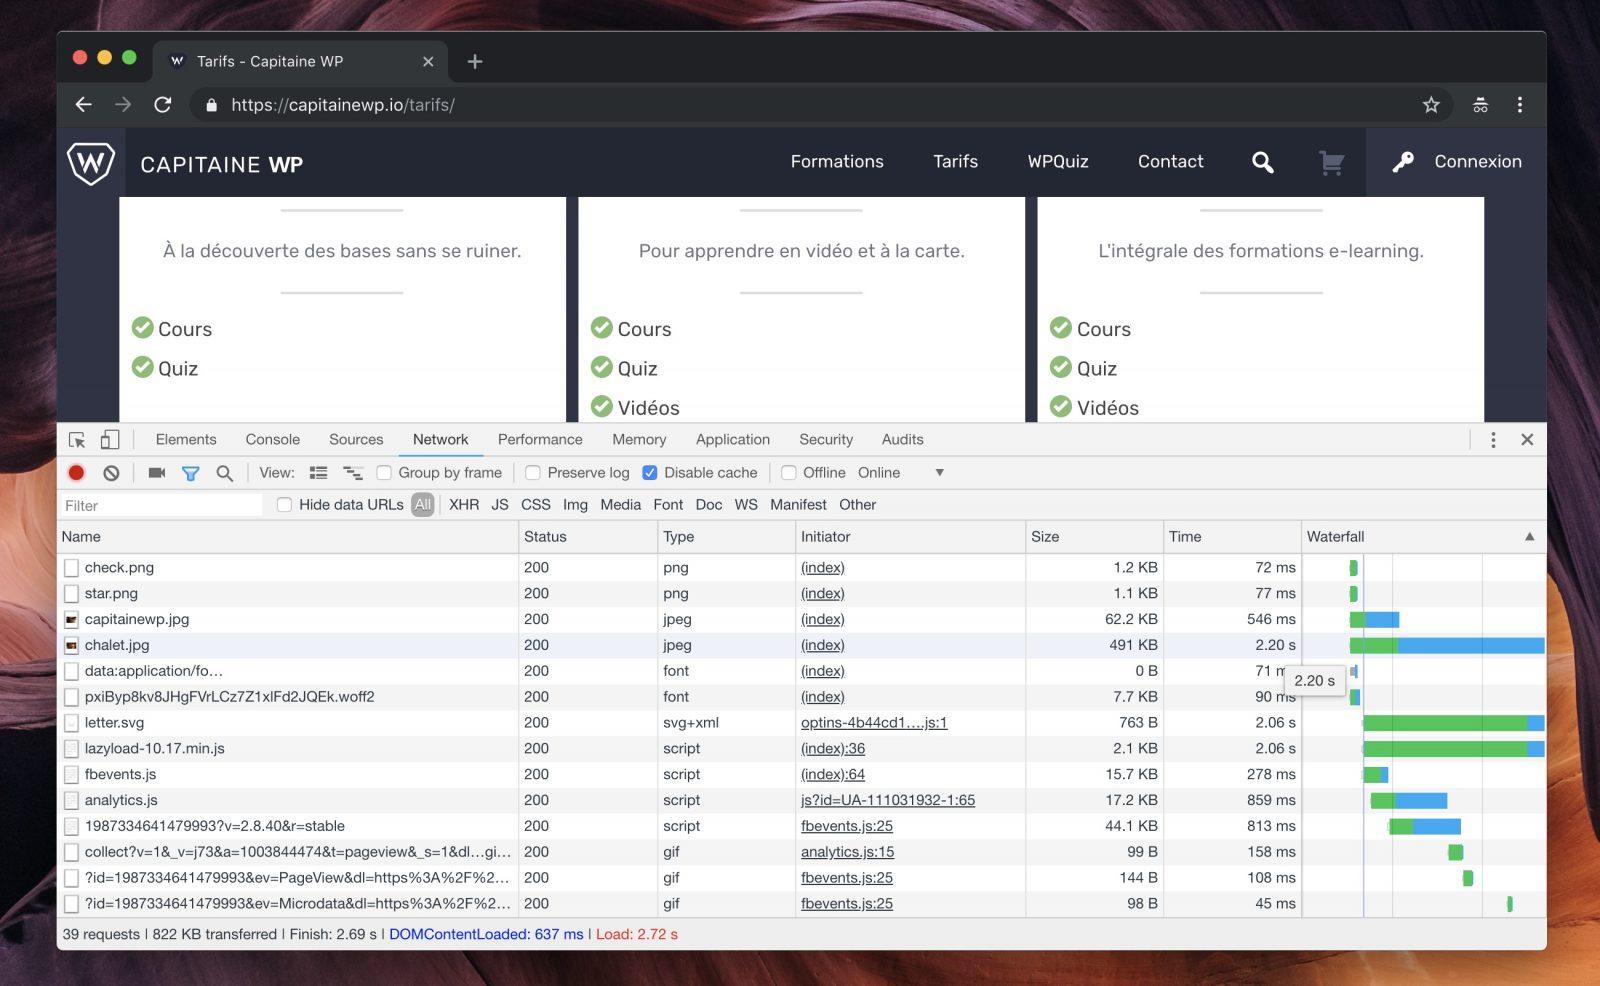 La console du navigateur propose un outil Network, qui calcule le temps de chargement de la page